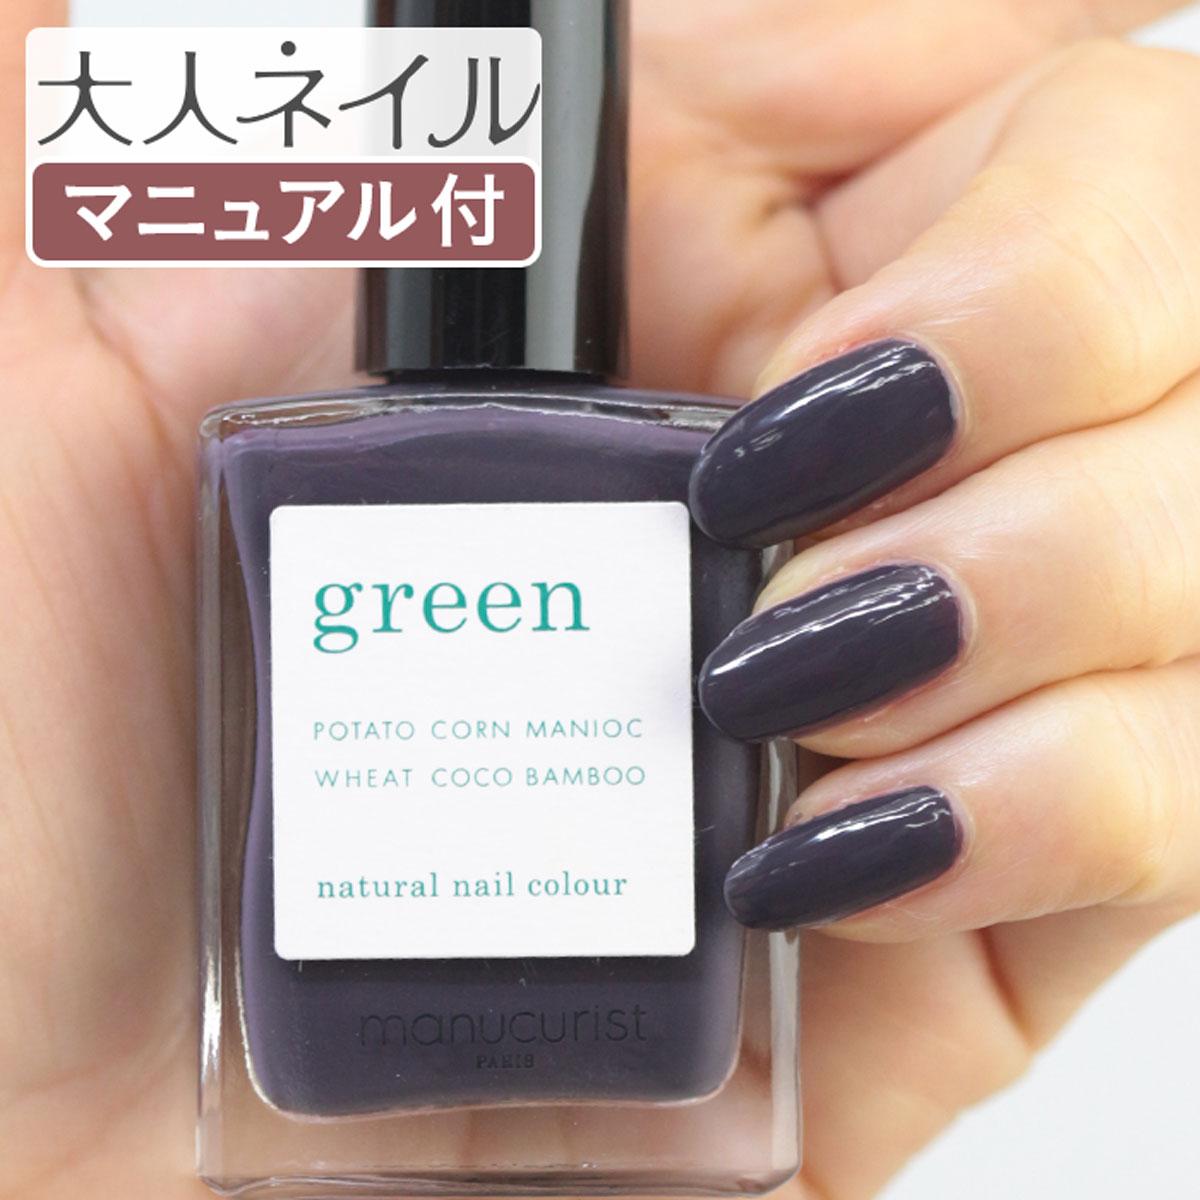 green グリーン ナチュラルネイルカラー クイーンオブナイト 31013 15ml 爪にやさしい マニキュア セルフネイル 秋カラー 秋ネイル グレー グレイッシュパープル